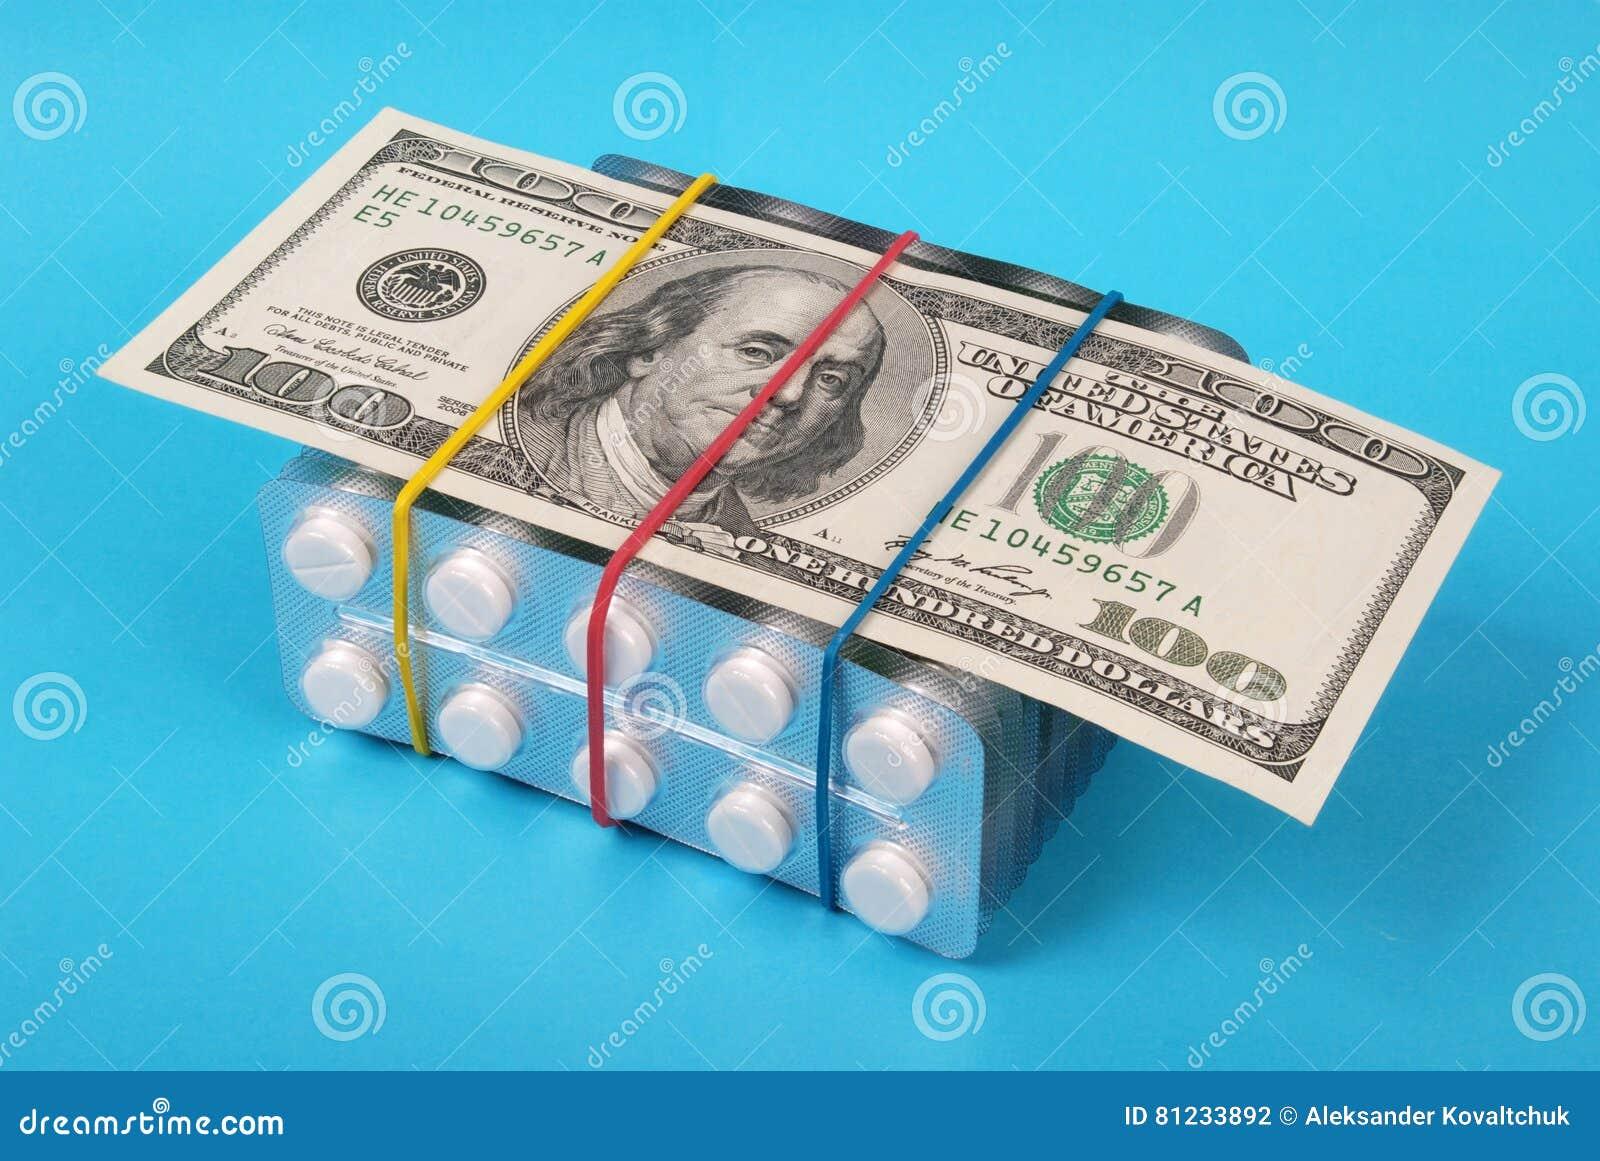 Dollar hundra lays som packar vita tablets